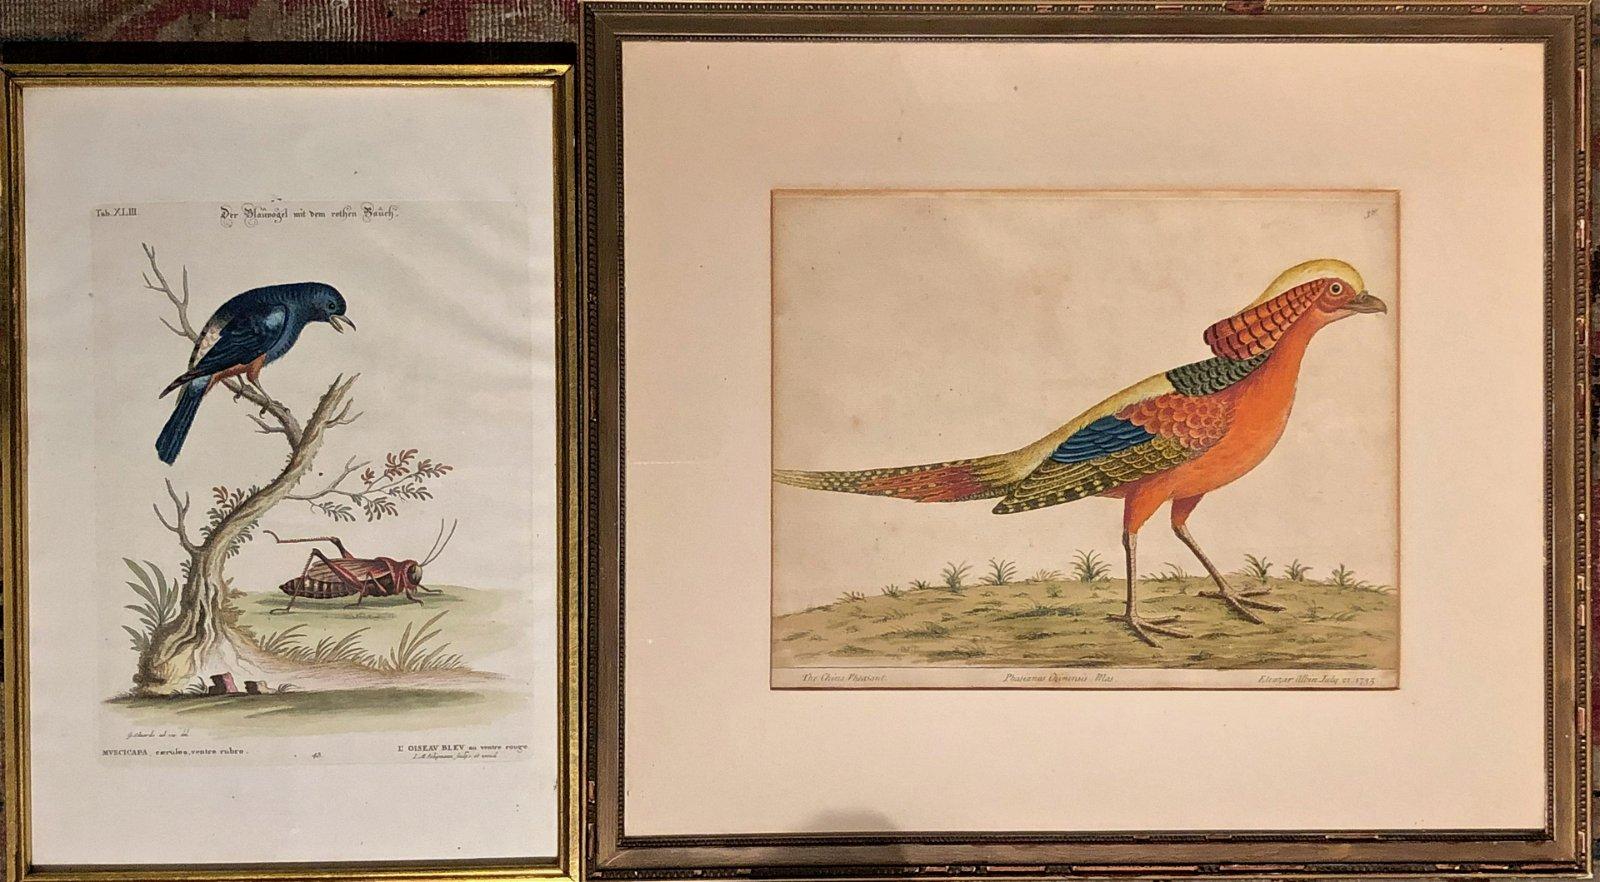 wading and shore birds buffon bird rare original antique print ornithology engraving 1775 ANTIQUE BIRD ENGRAVING